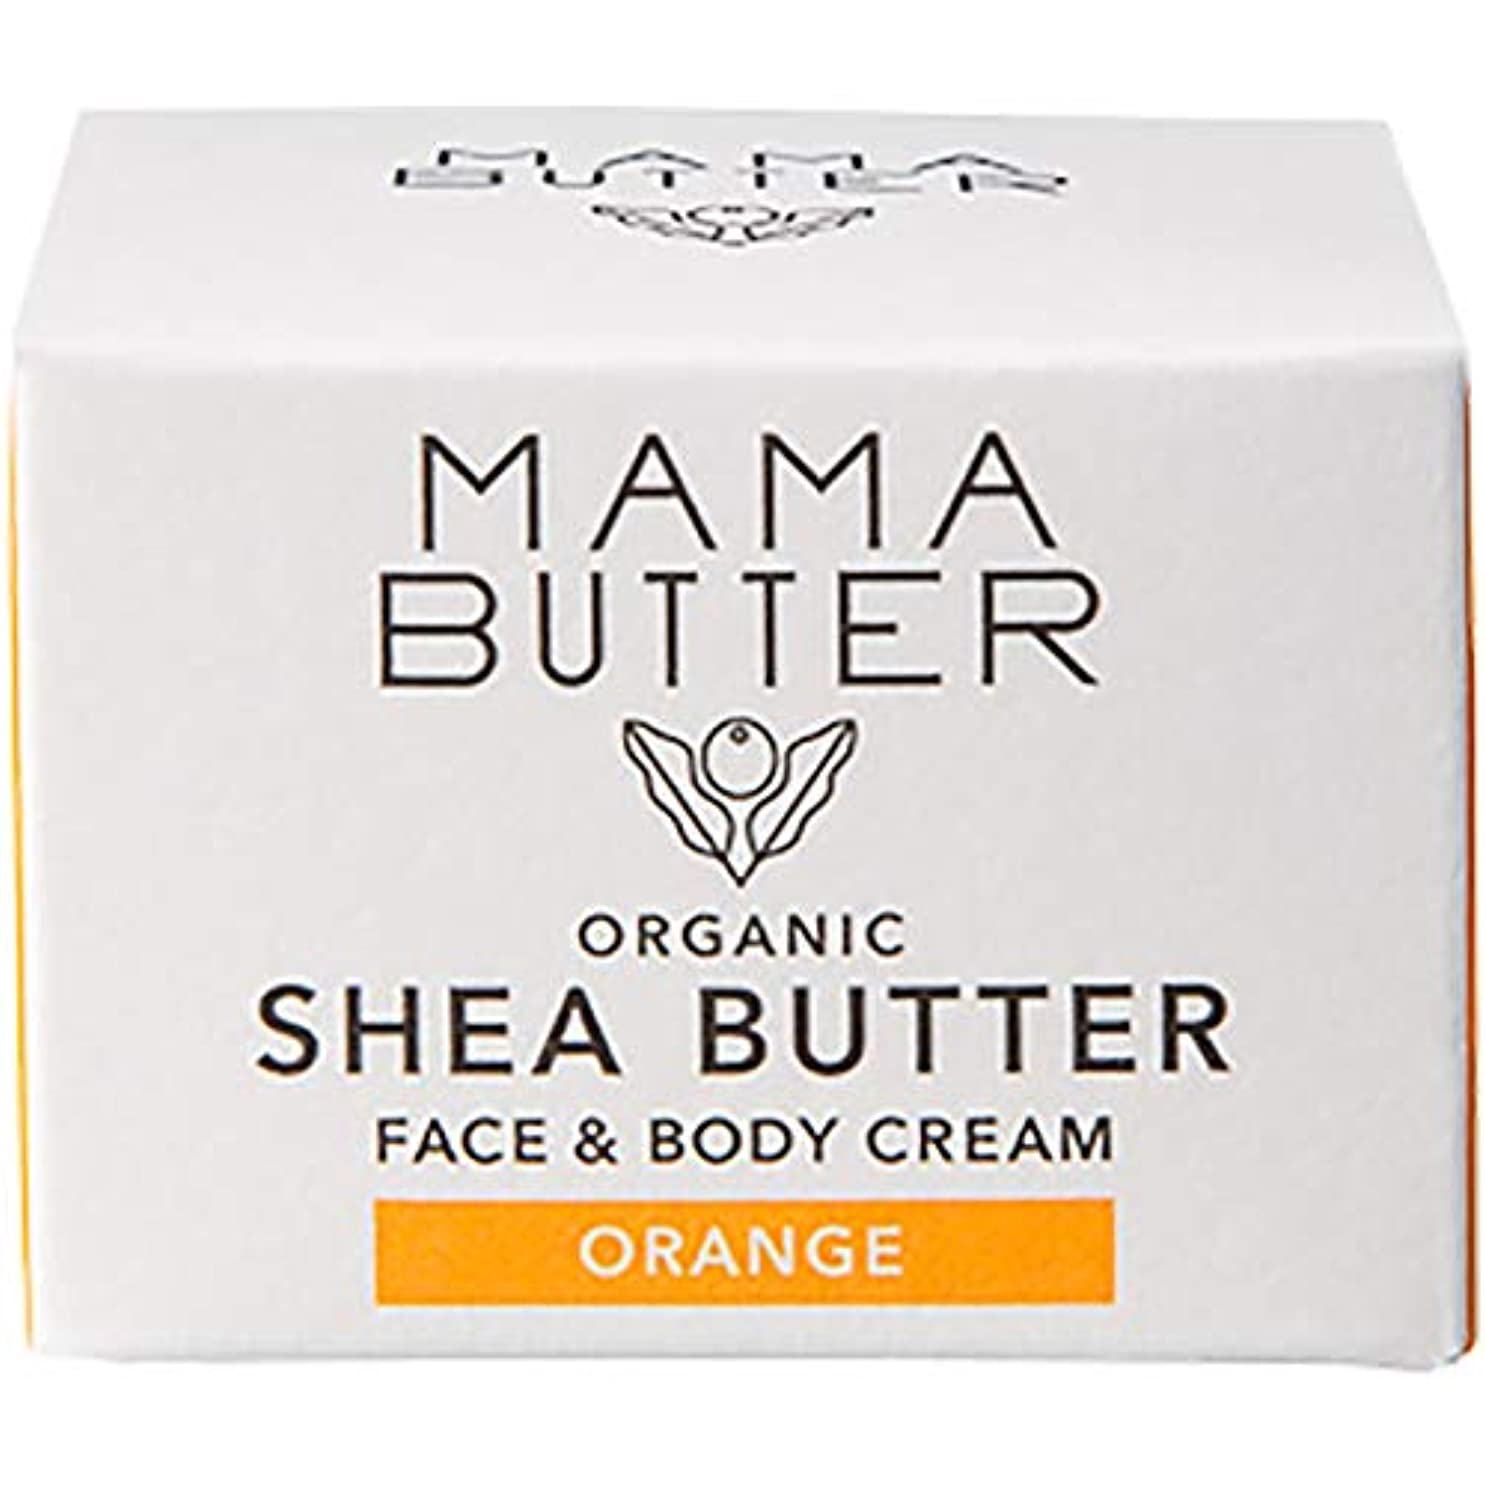 外交同種の安定MAMA BUTTER(ママバター) フェイス&ボディクリーム25g オレンジ